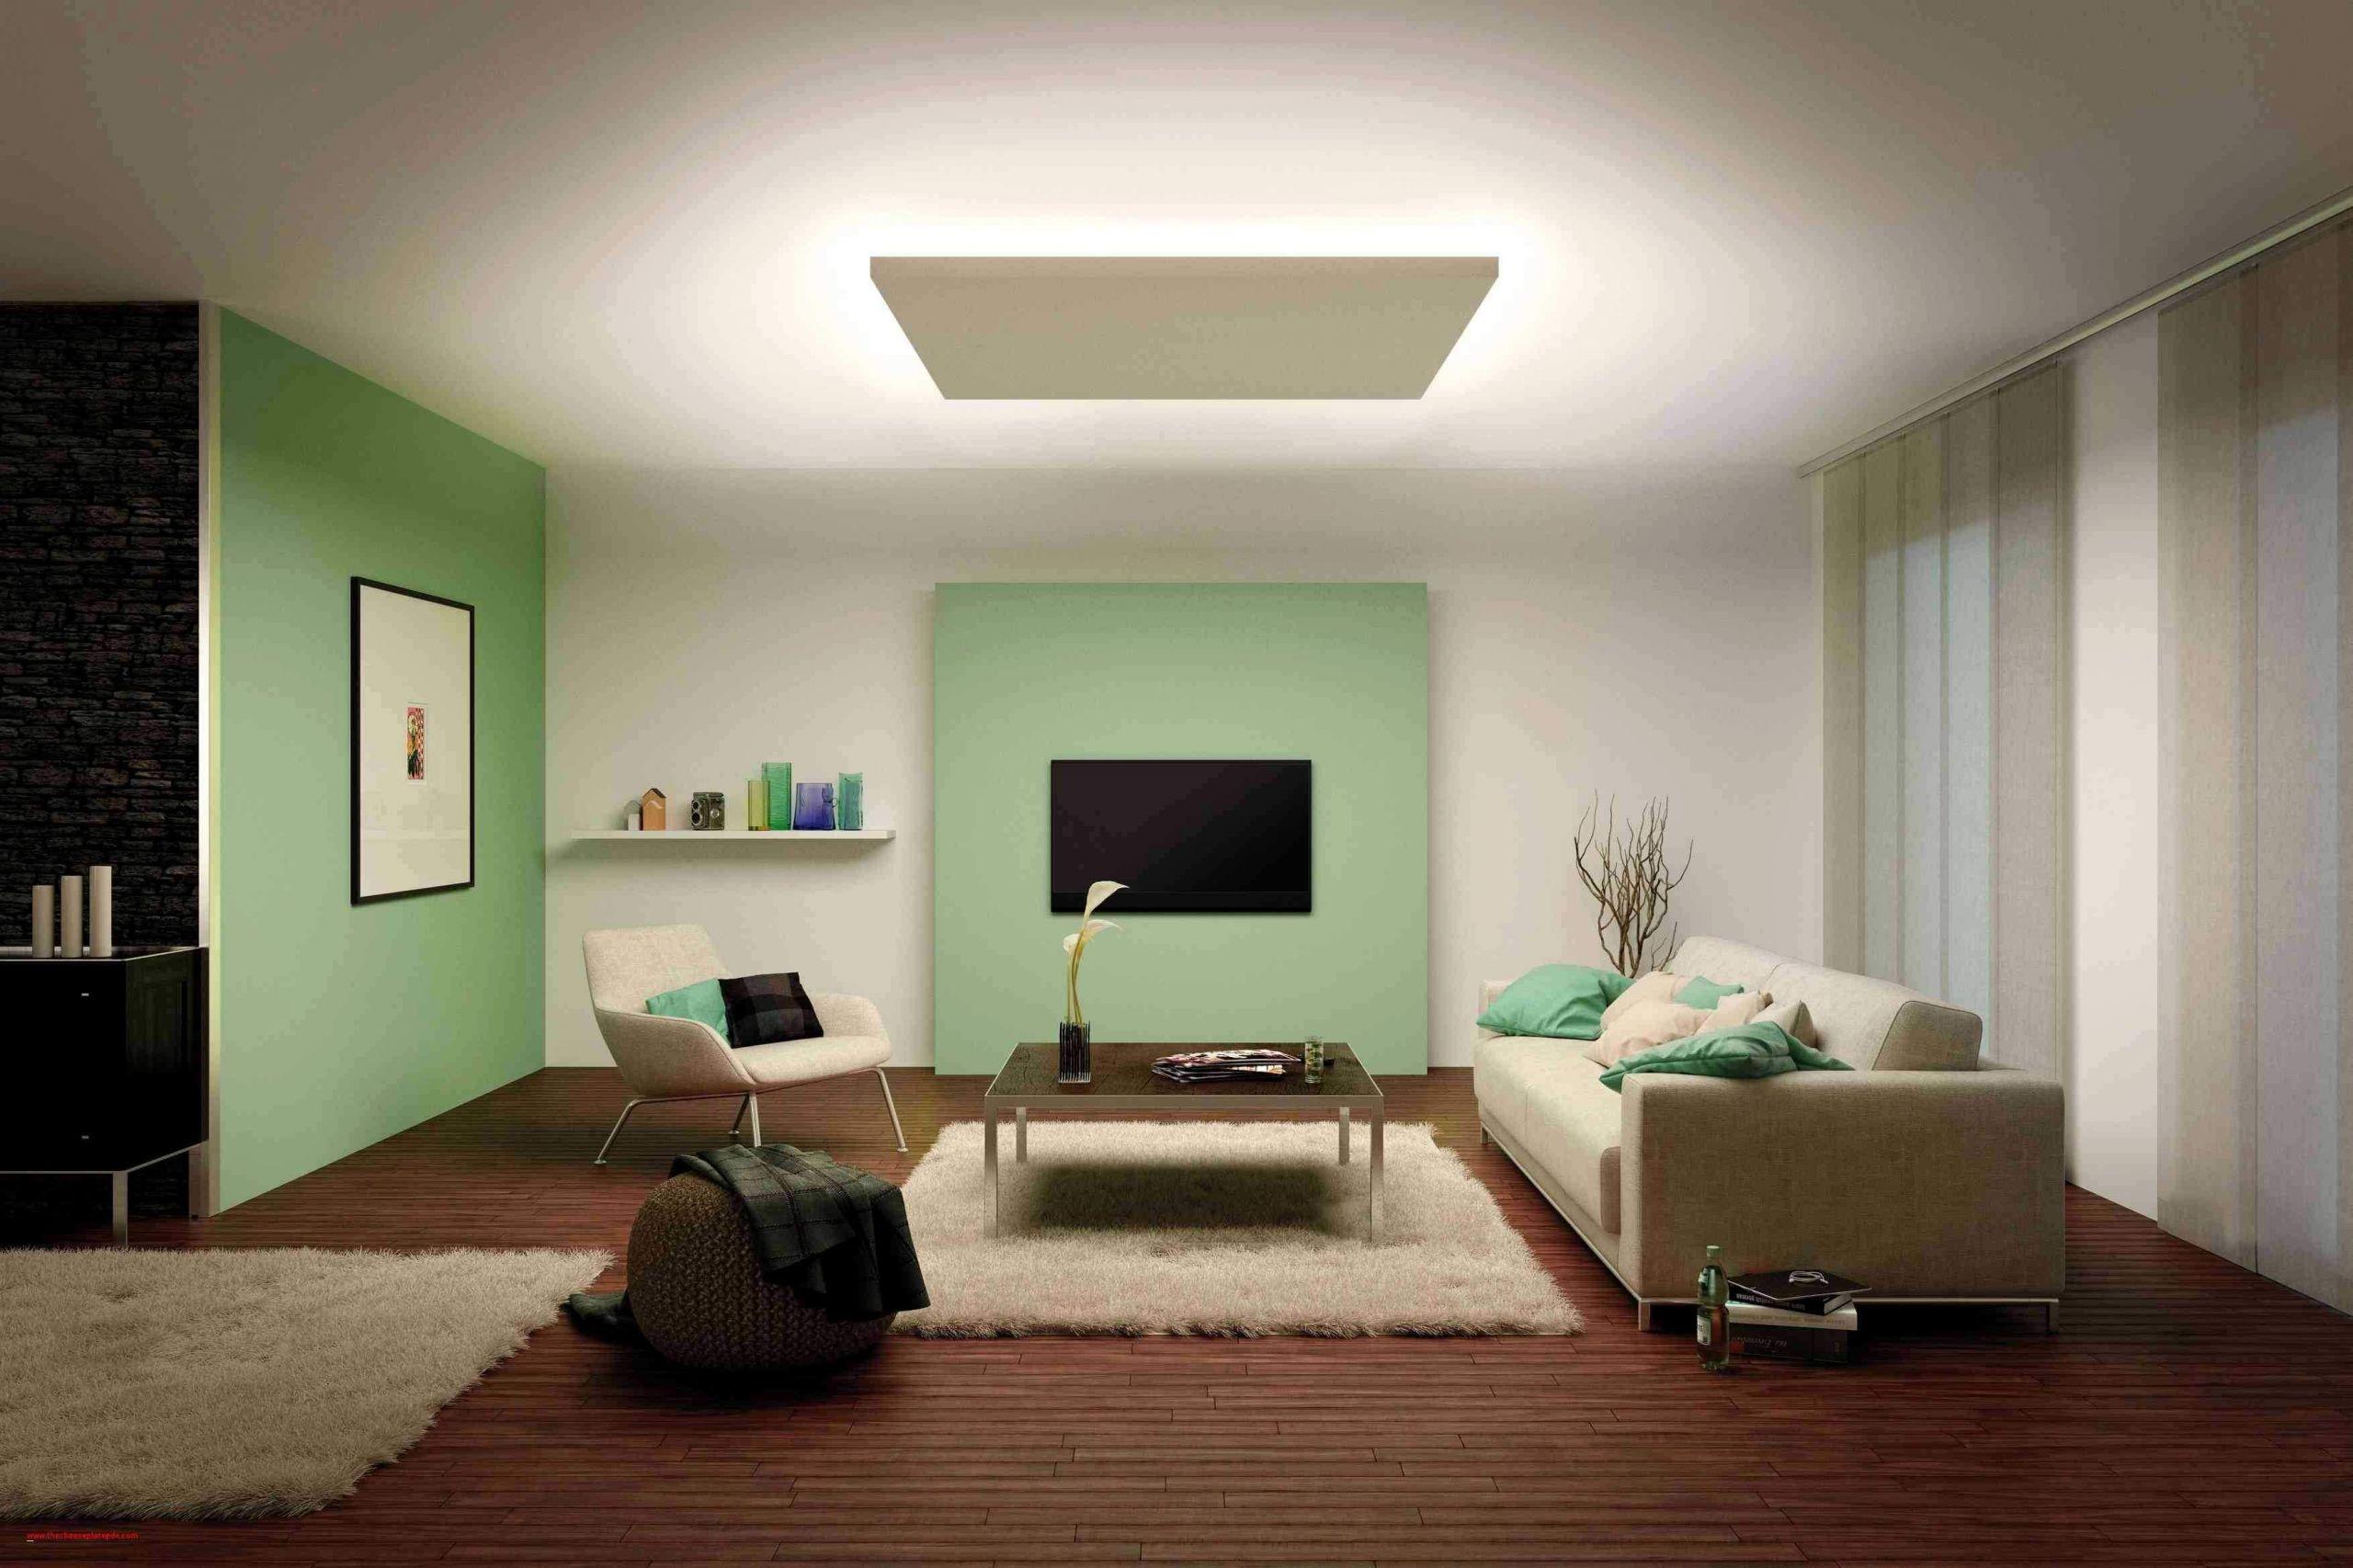 led deckenleuchte wohnzimmer schon wohnzimmer licht einzigartig wohnzimmer lampen design 0d of led deckenleuchte wohnzimmer